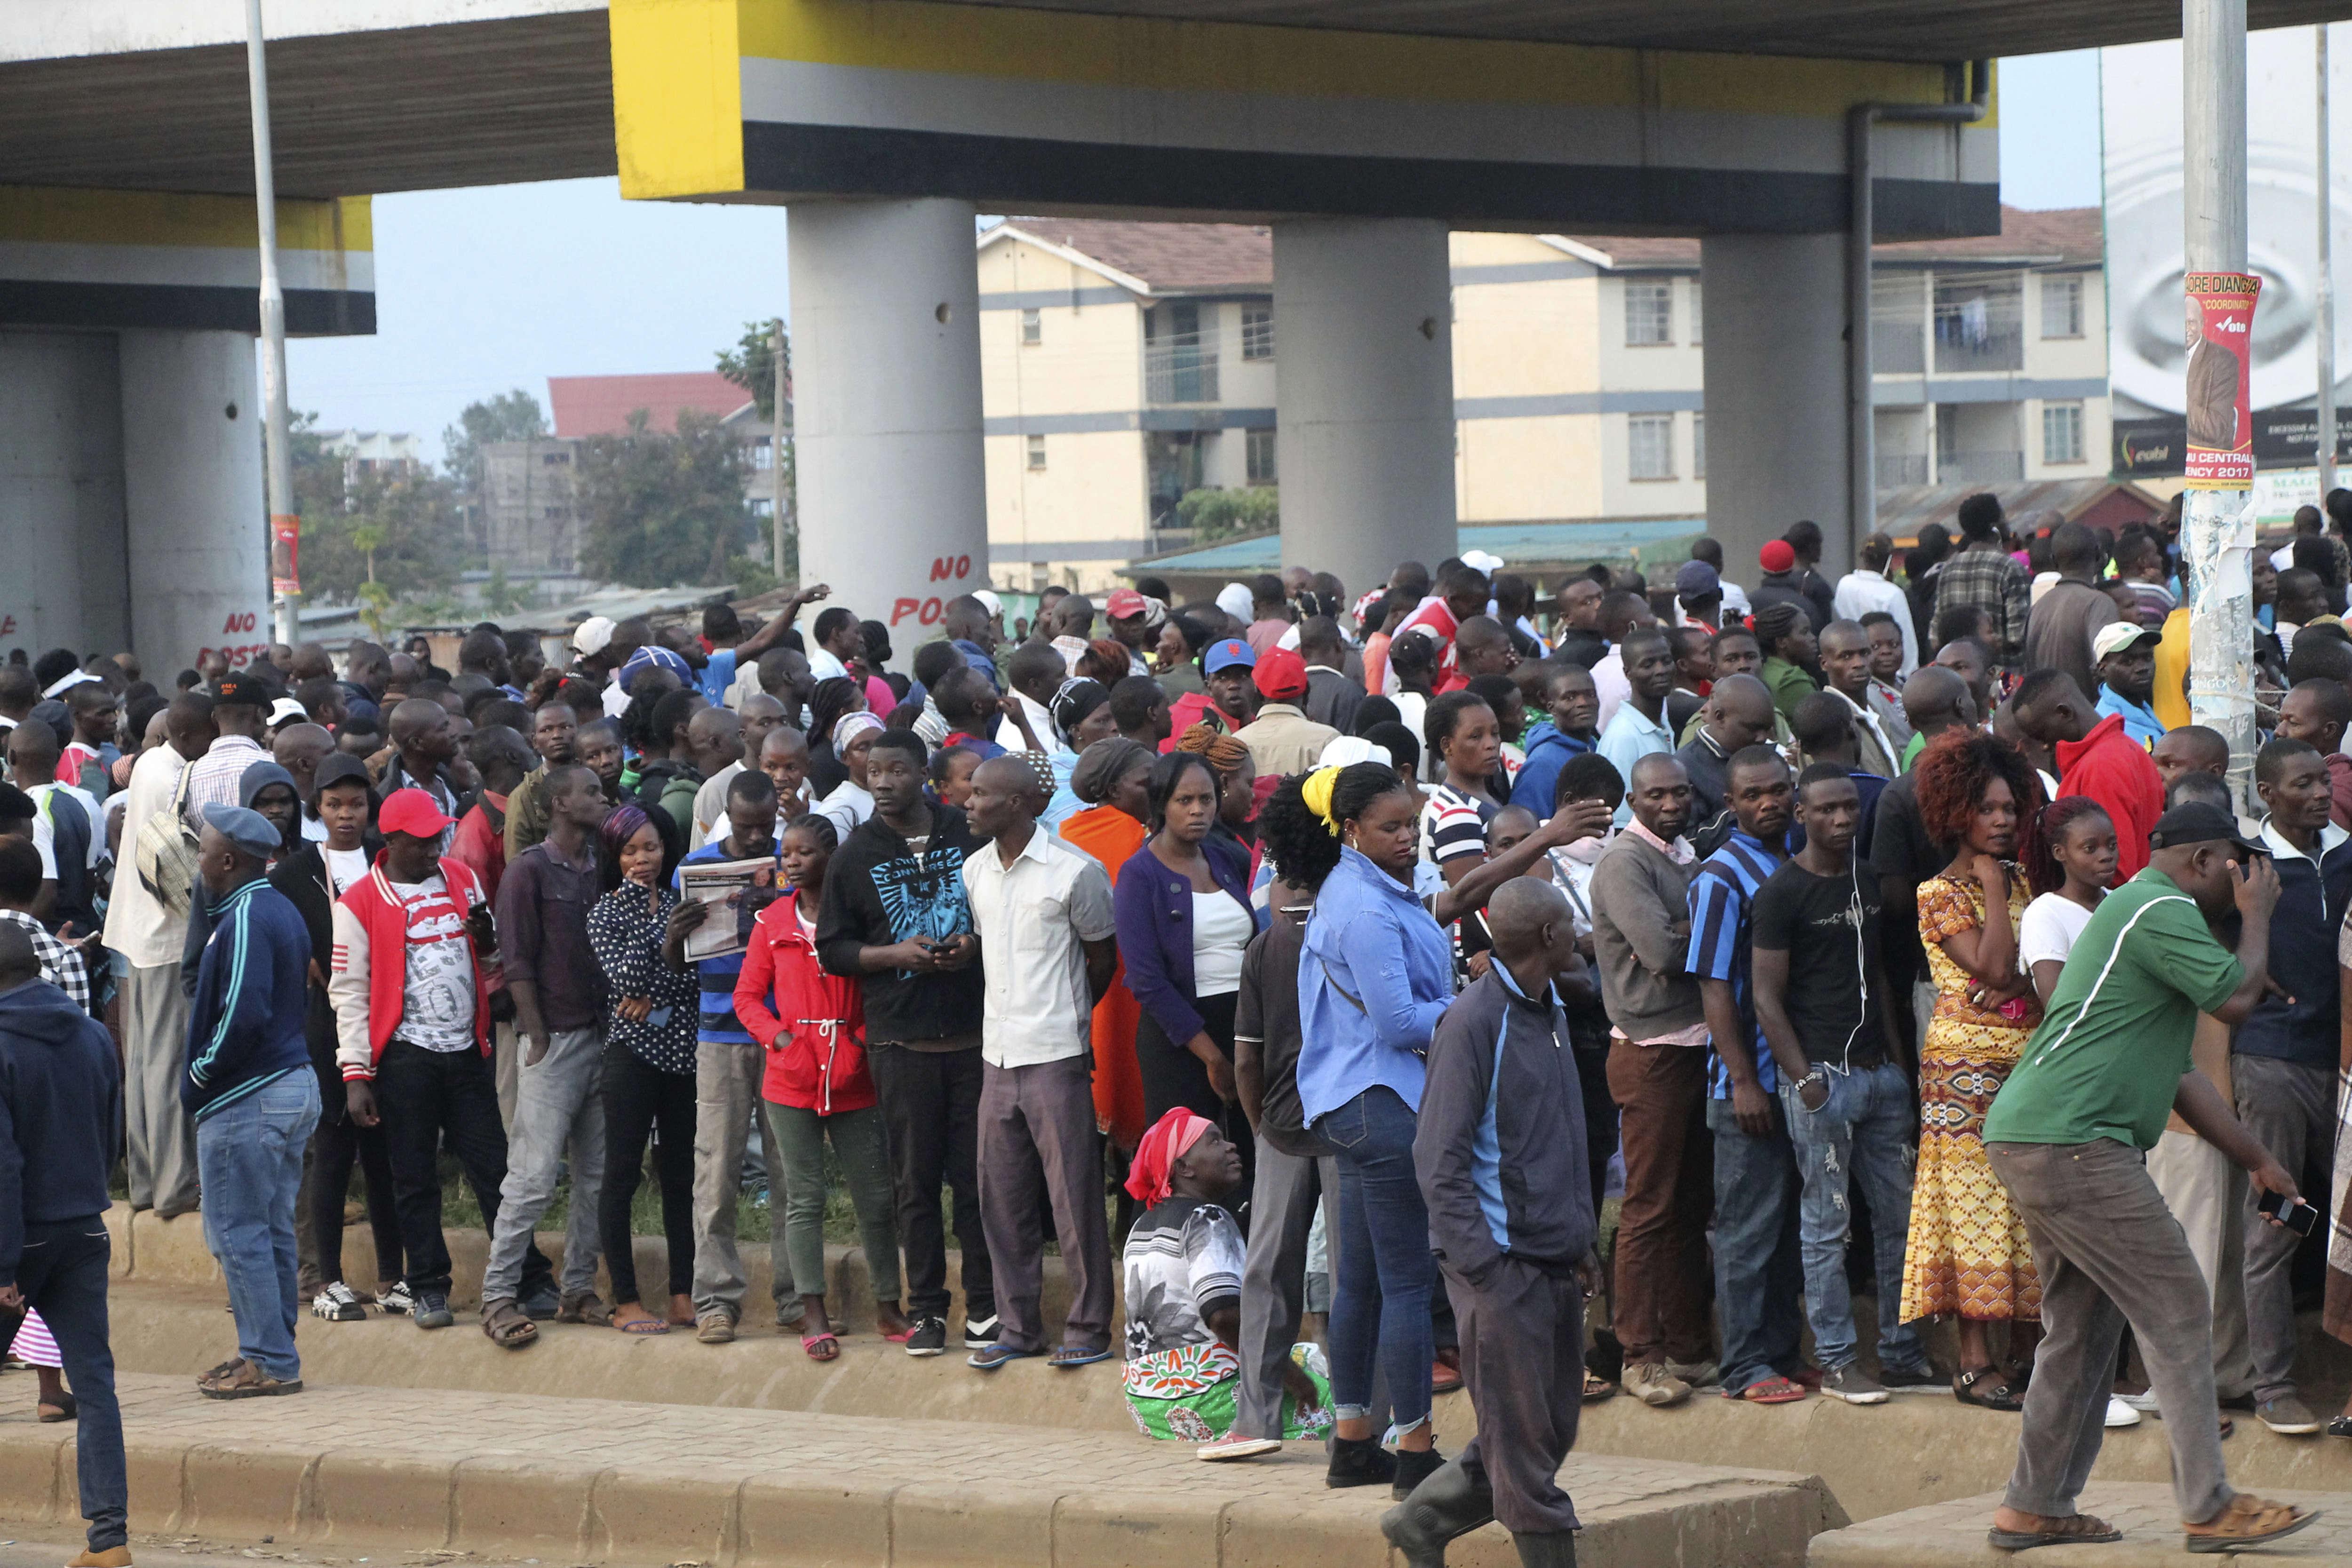 Près de 20 millions de Kényans sont appelés aux urnes pour désigner leur président de la République pour les cinq prochaines années.